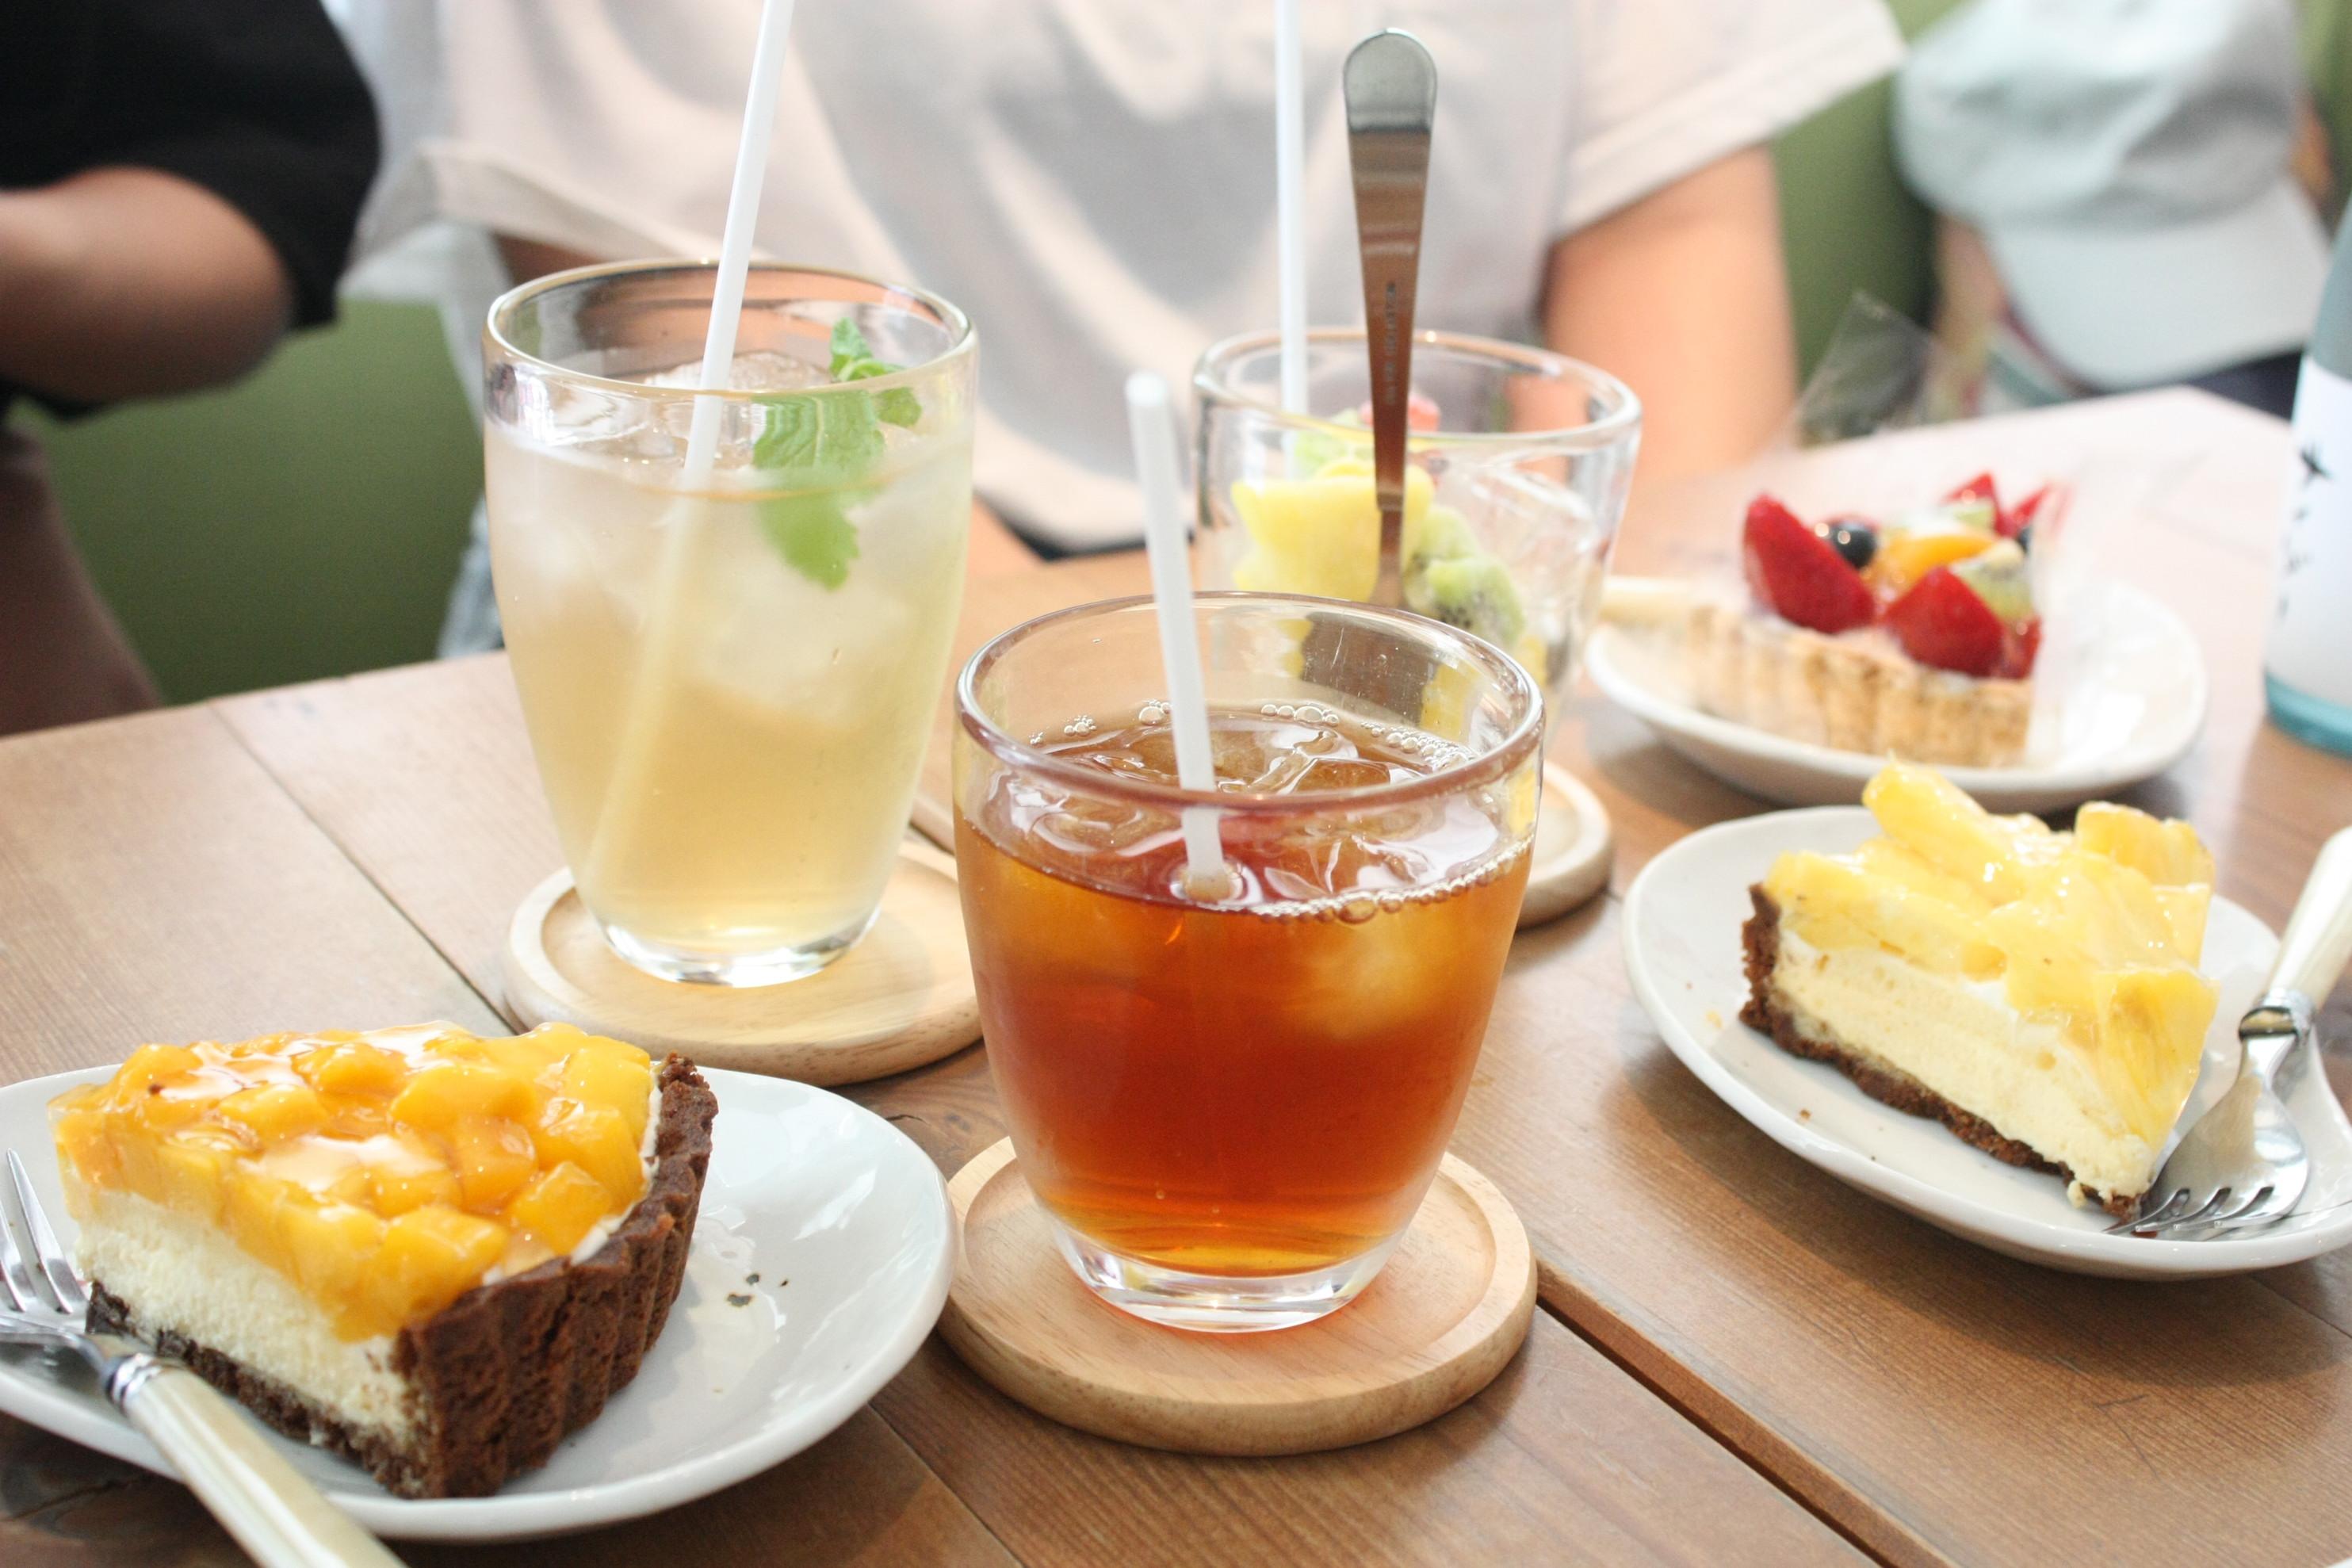 栄・矢場町|心ゆくまでまったりと。身体に優しいまろやかランチがいただけるカフェ